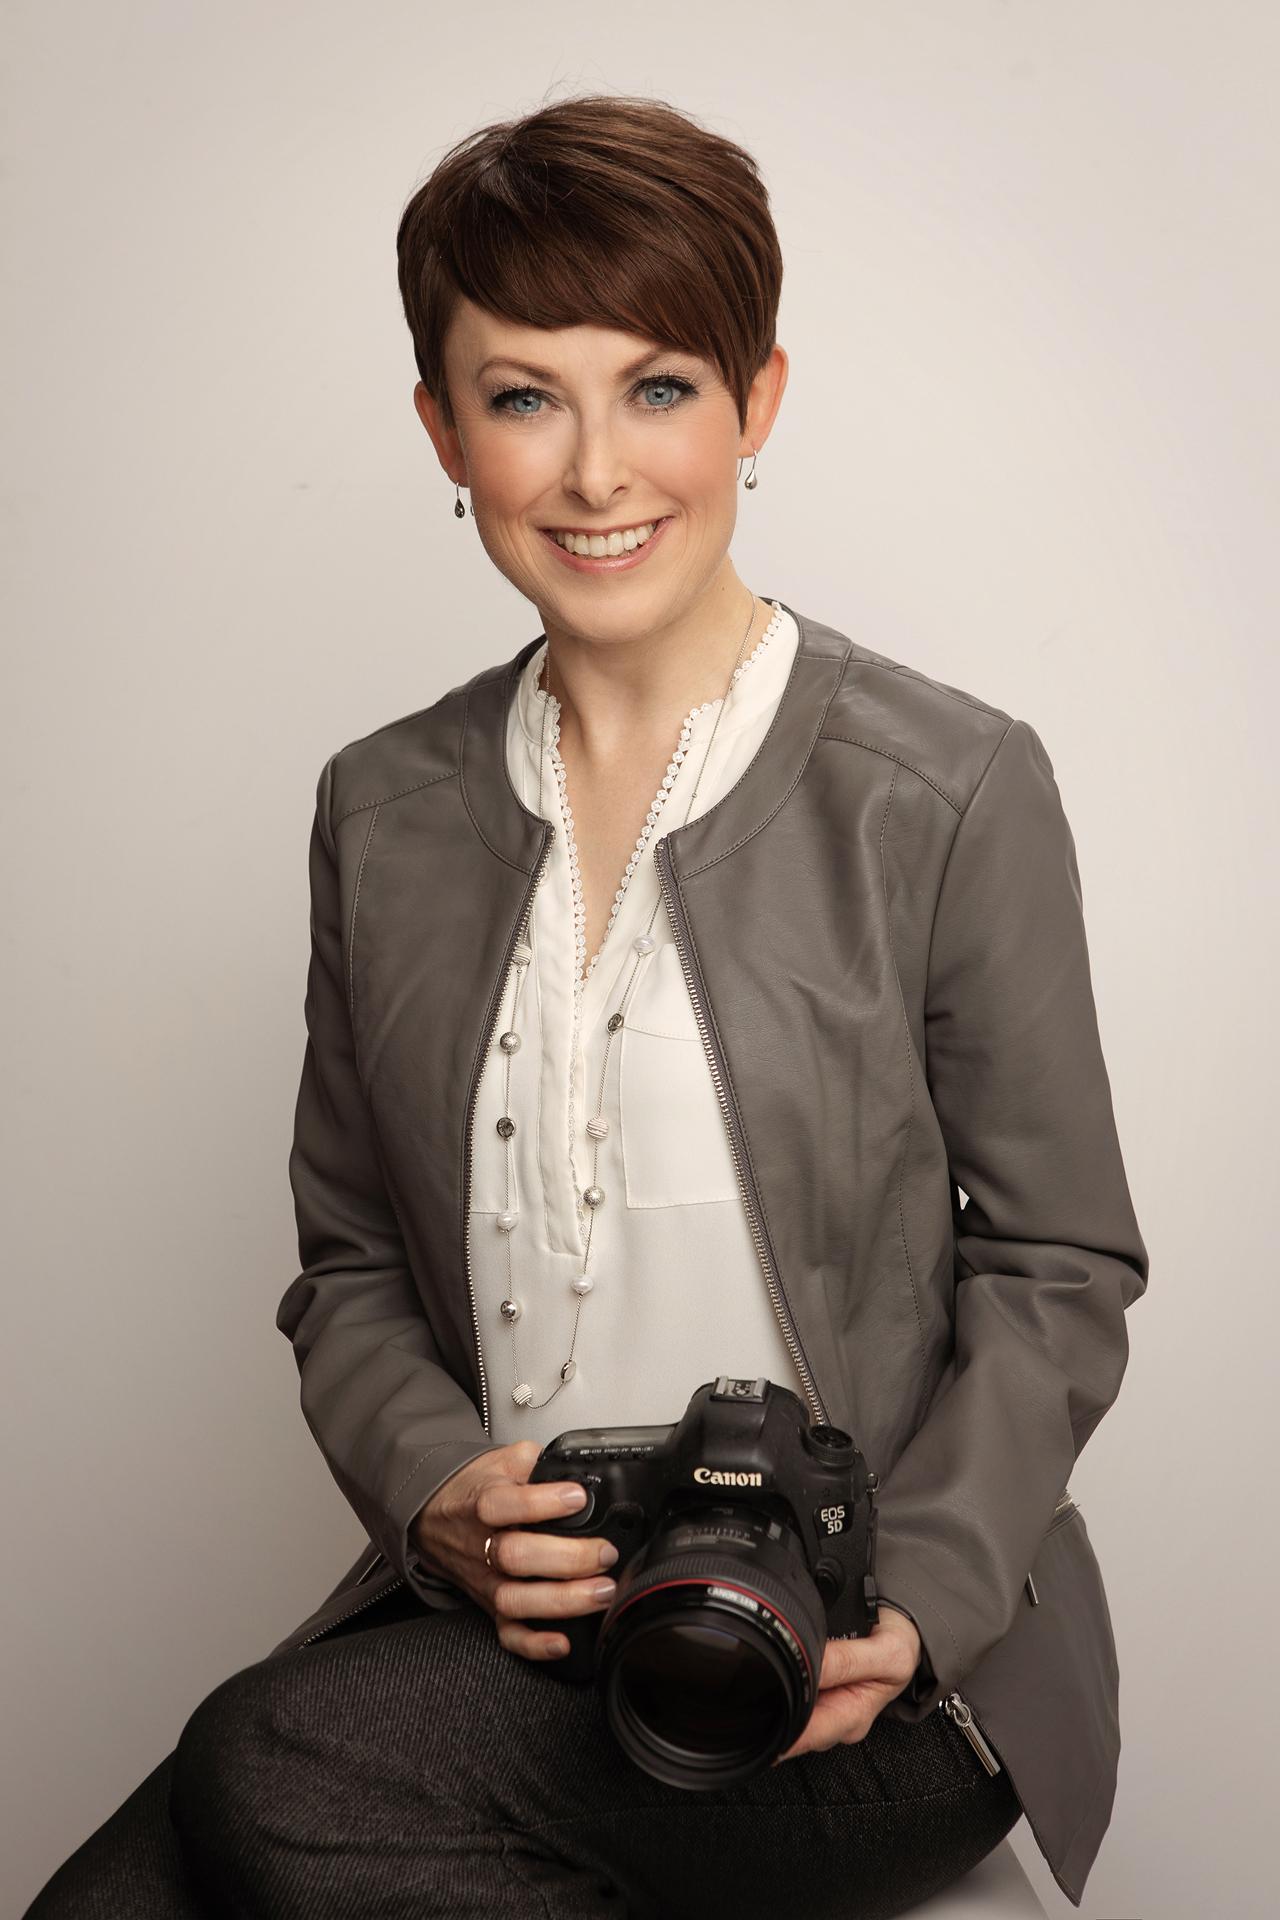 Clare J Sheridan Photography - Clare J Sheridan